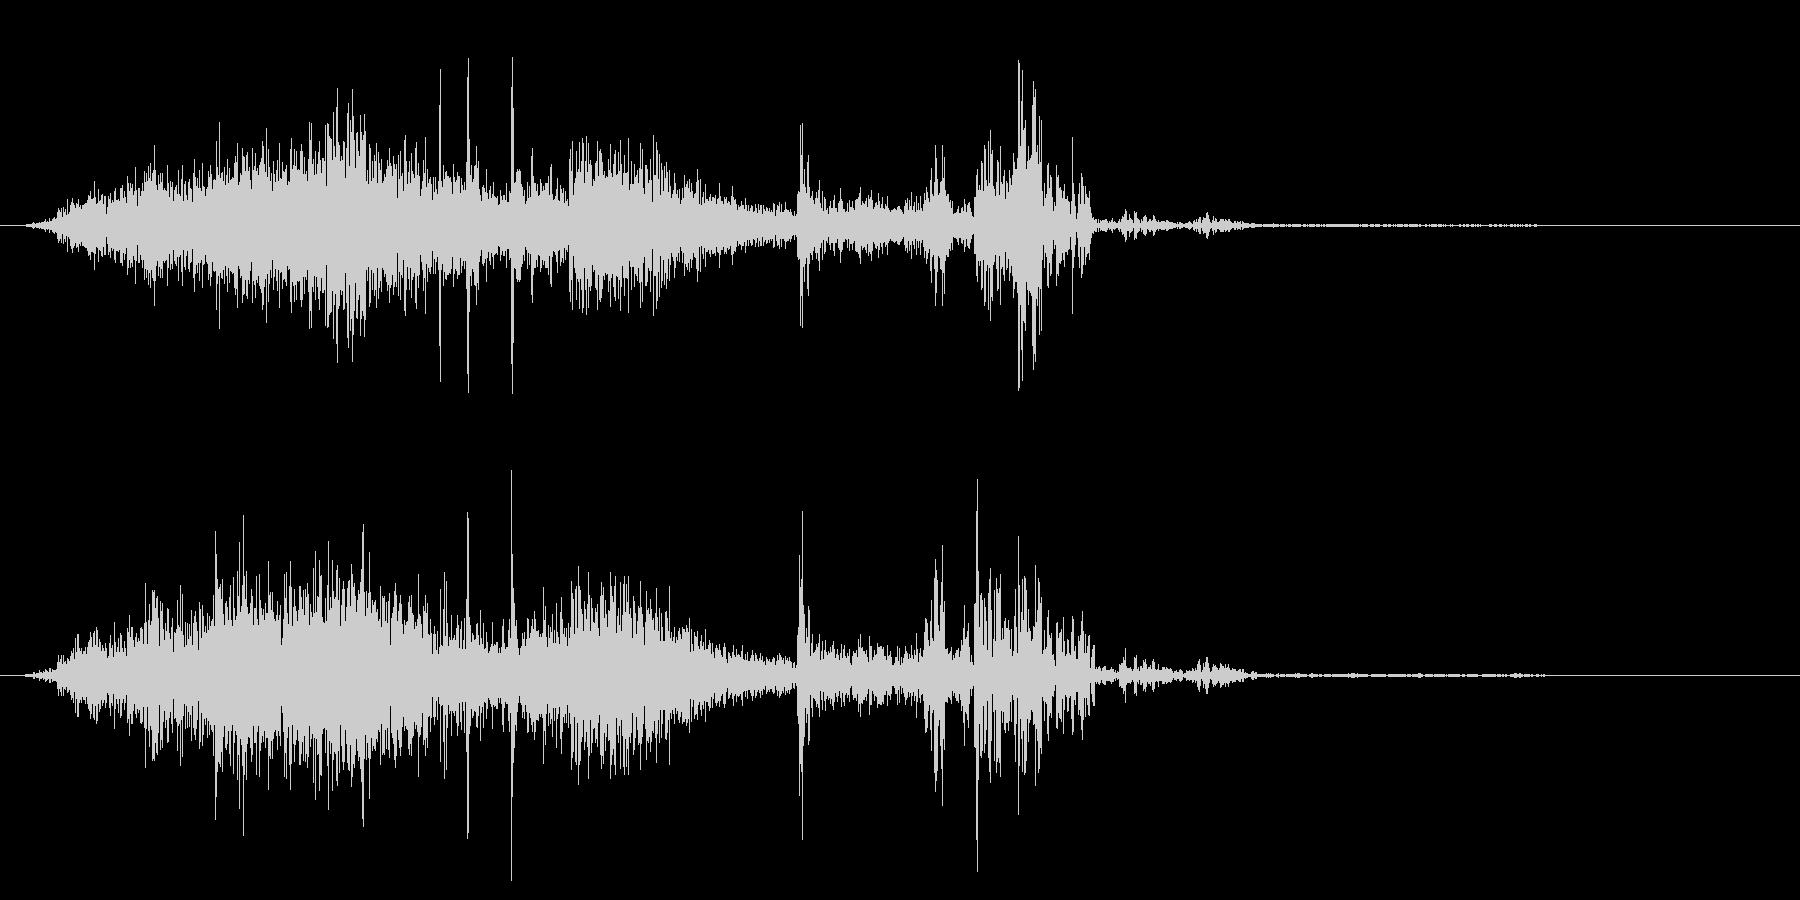 シュルシュルパ(逃げる虫をたたく音)の未再生の波形